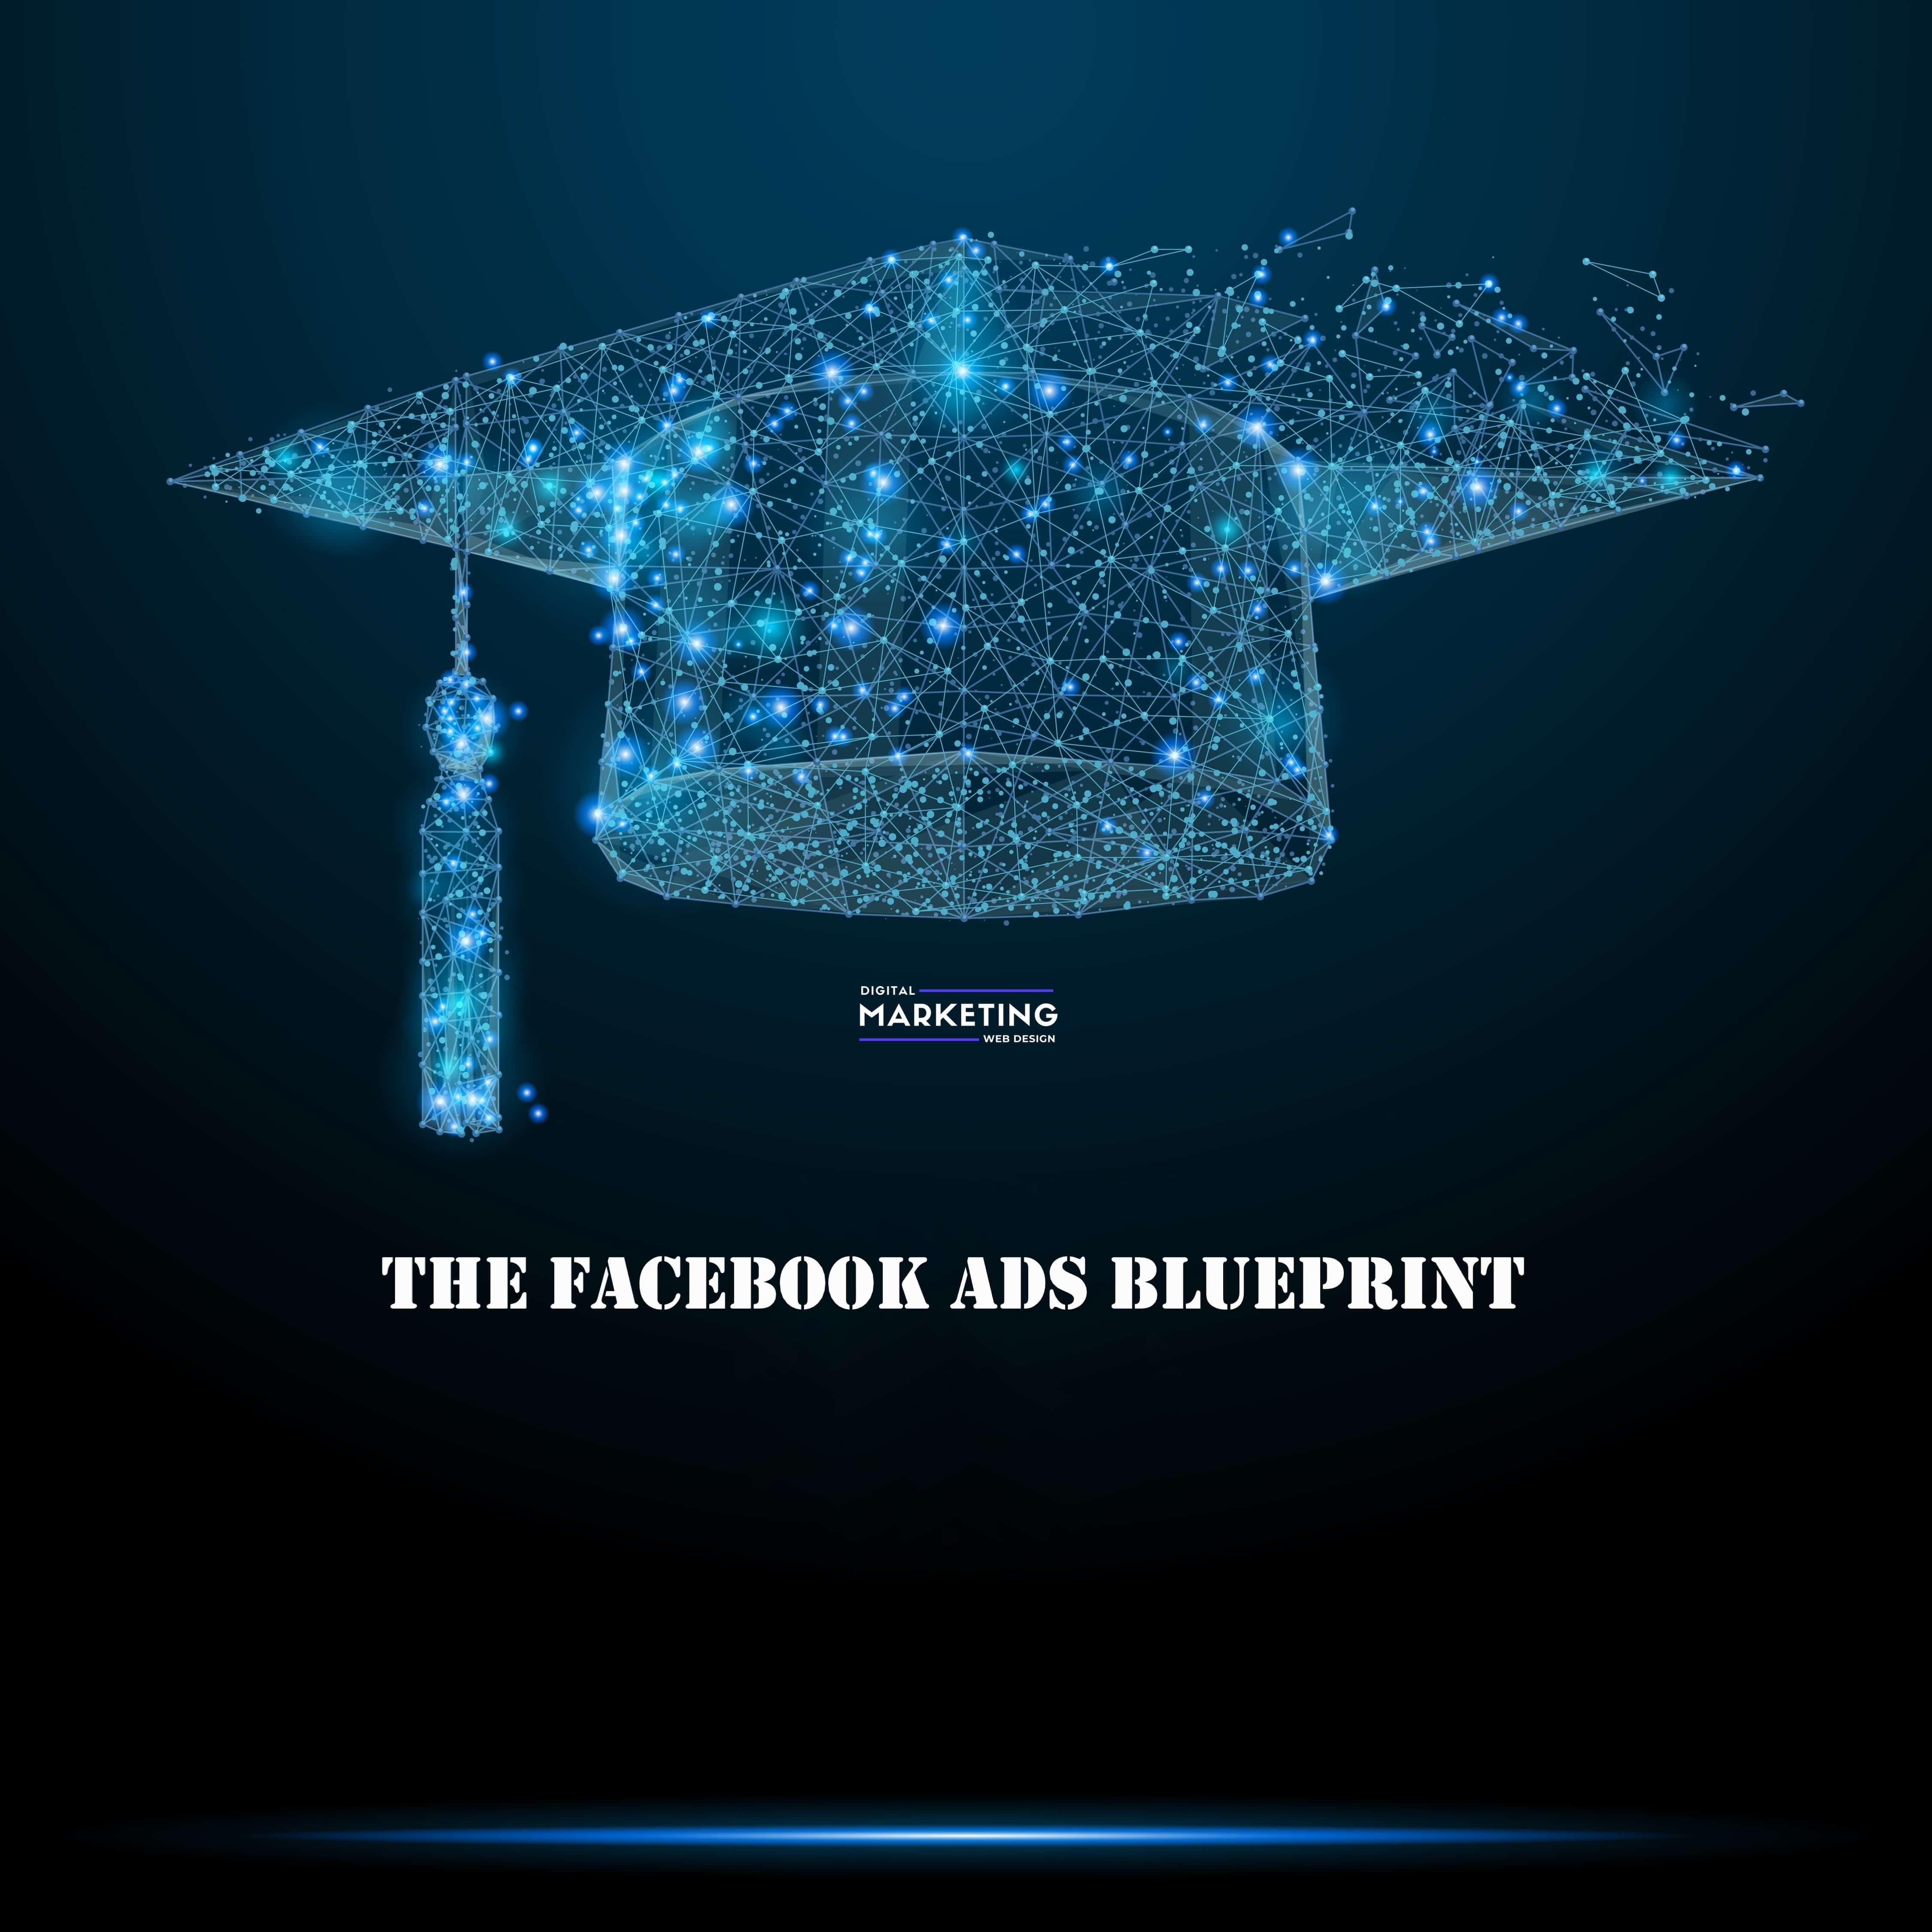 The Facebook Ads Blueprint 1